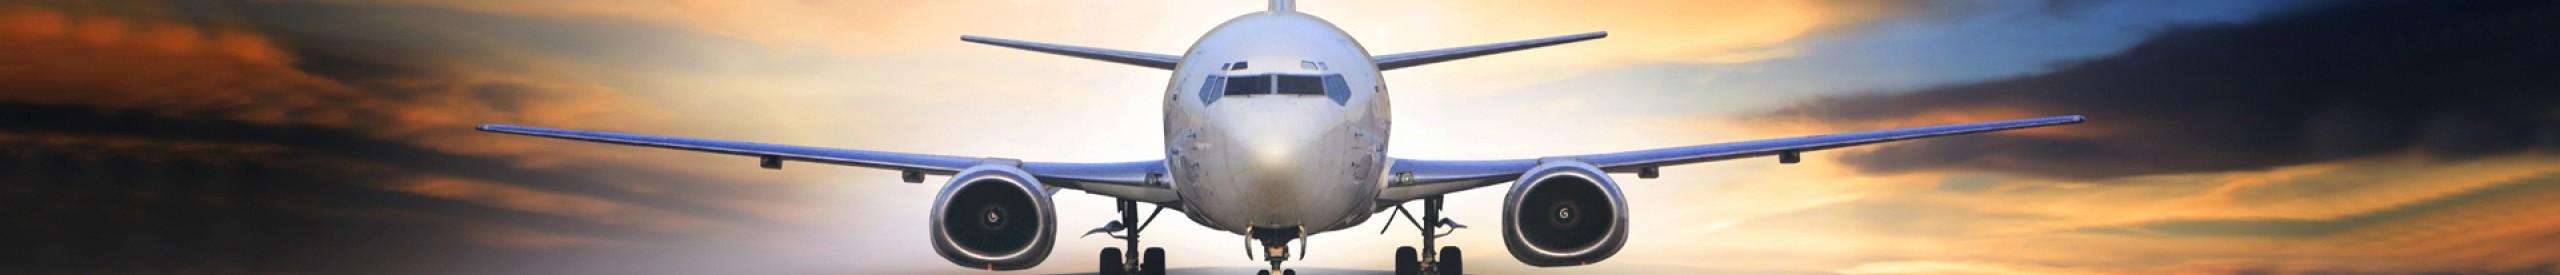 Airbus Flugsimulator